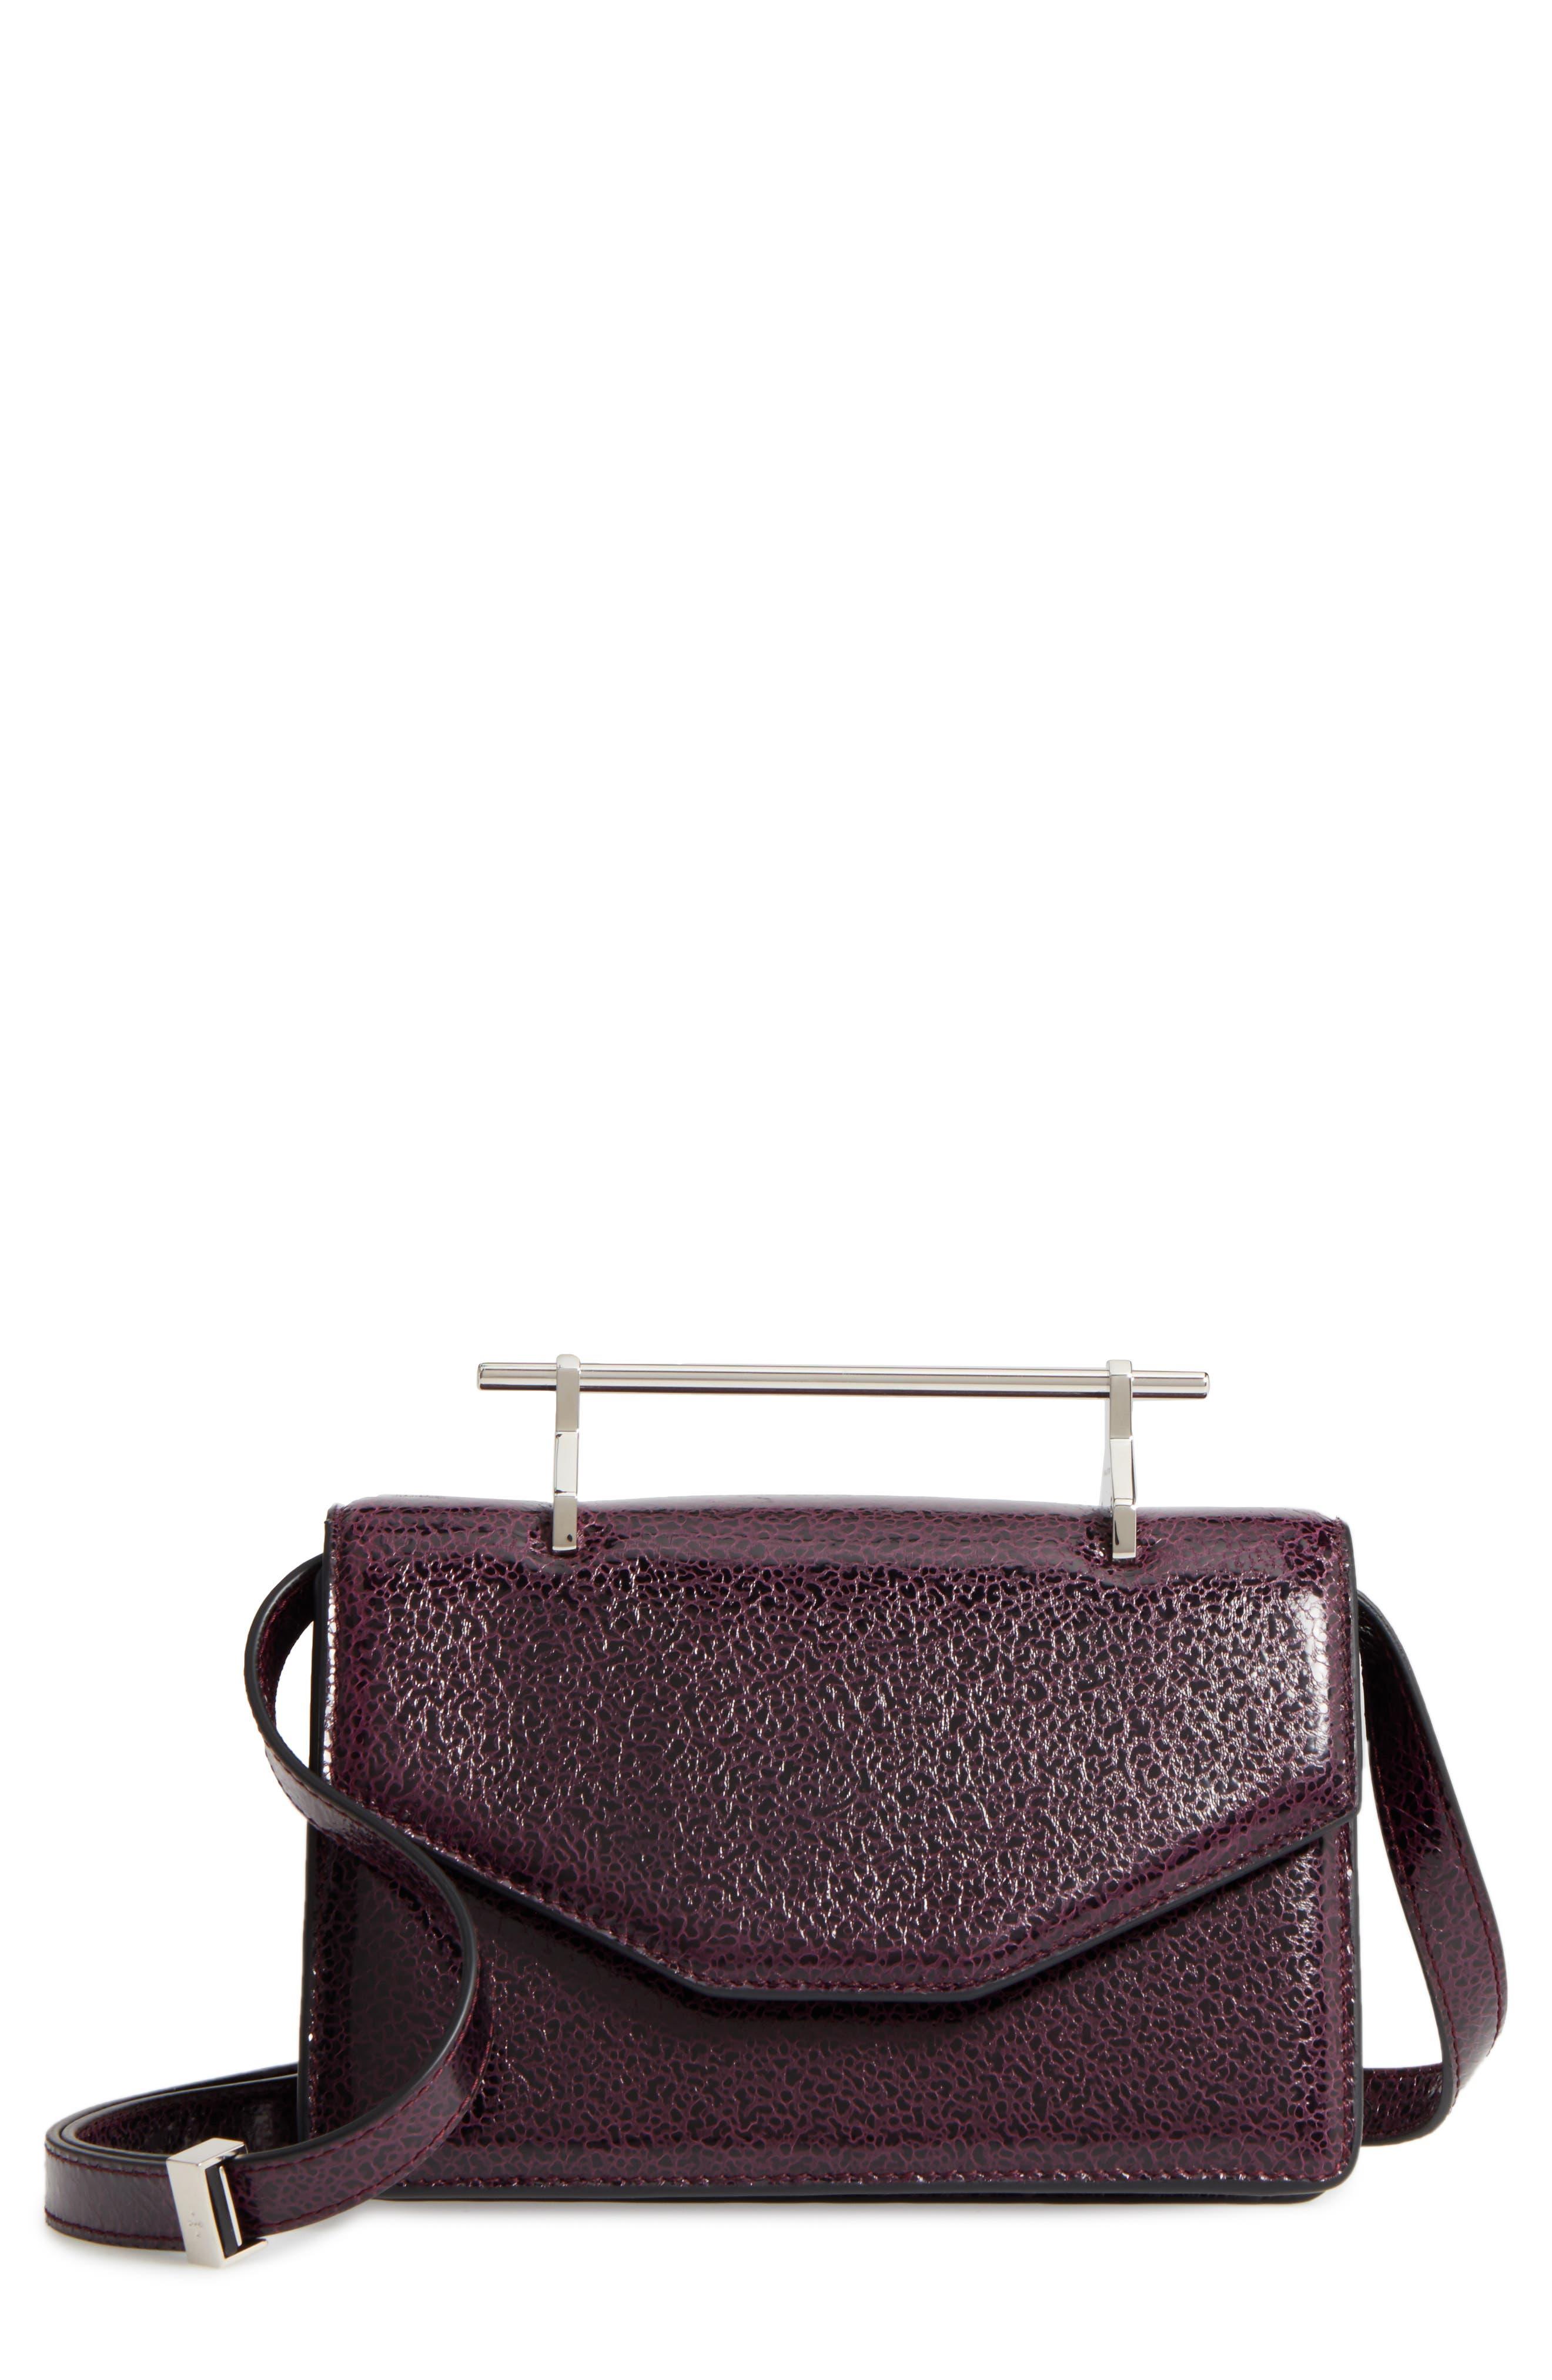 Indre Leather Shoulder Bag,                             Main thumbnail 1, color,                             930